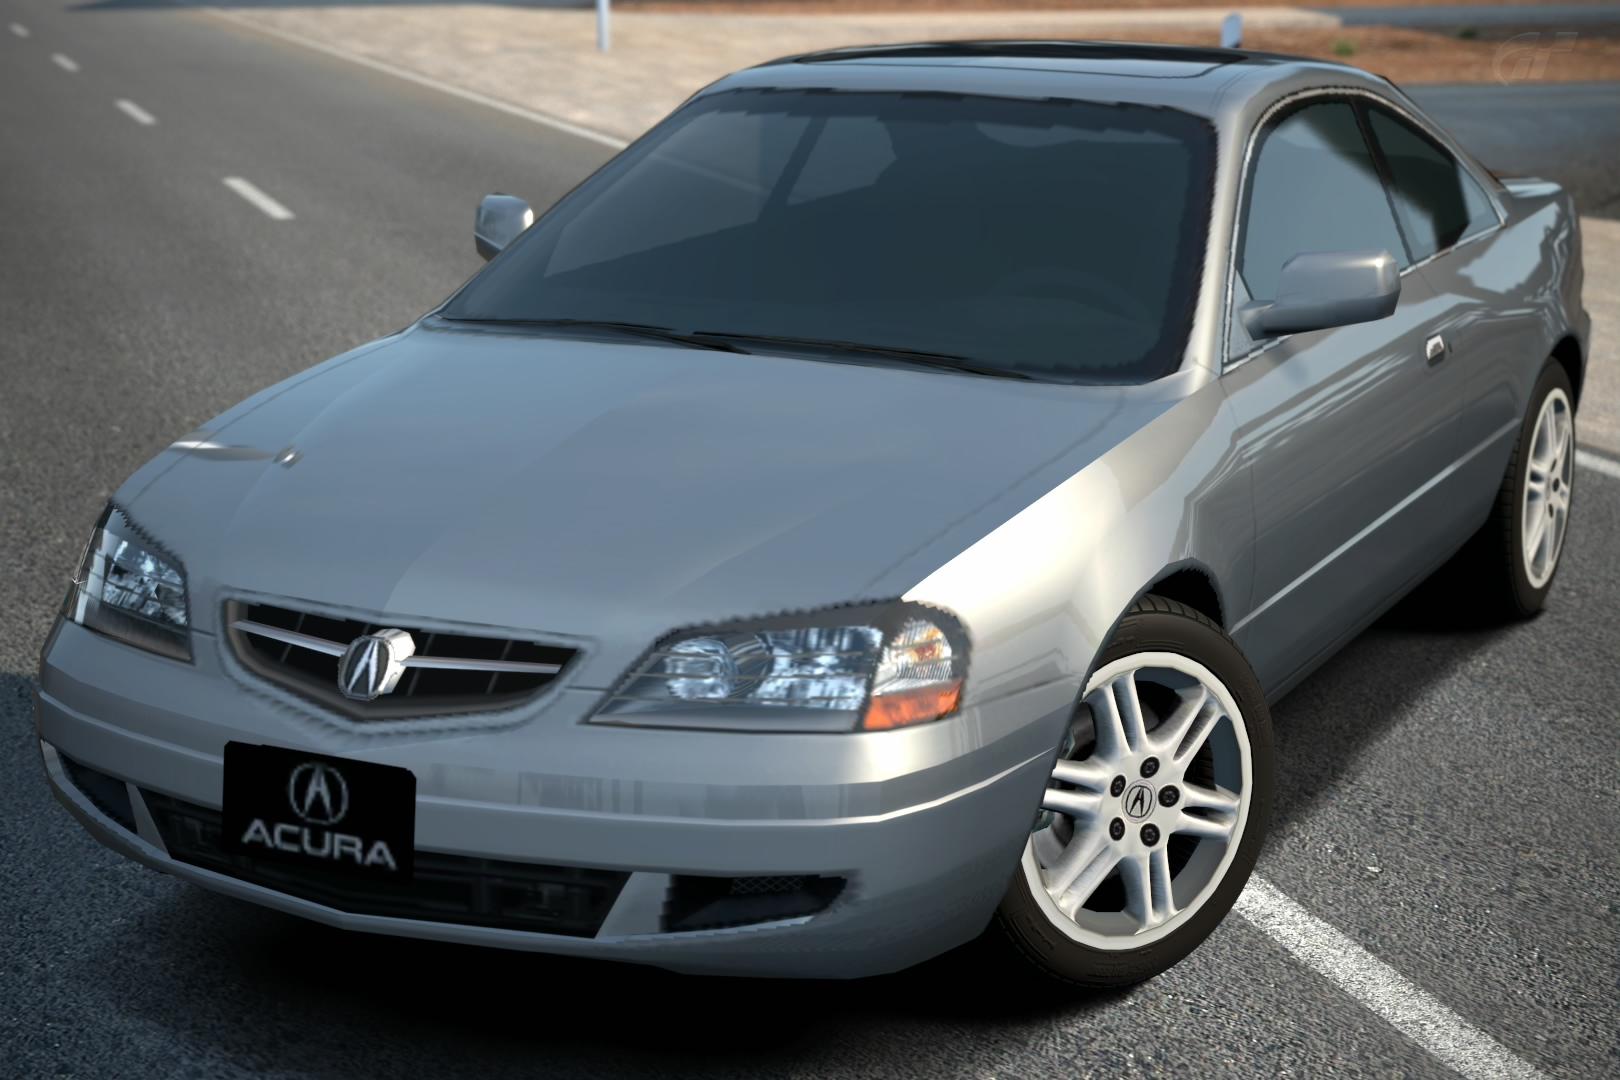 Acura CL 3.2 Type-S '03